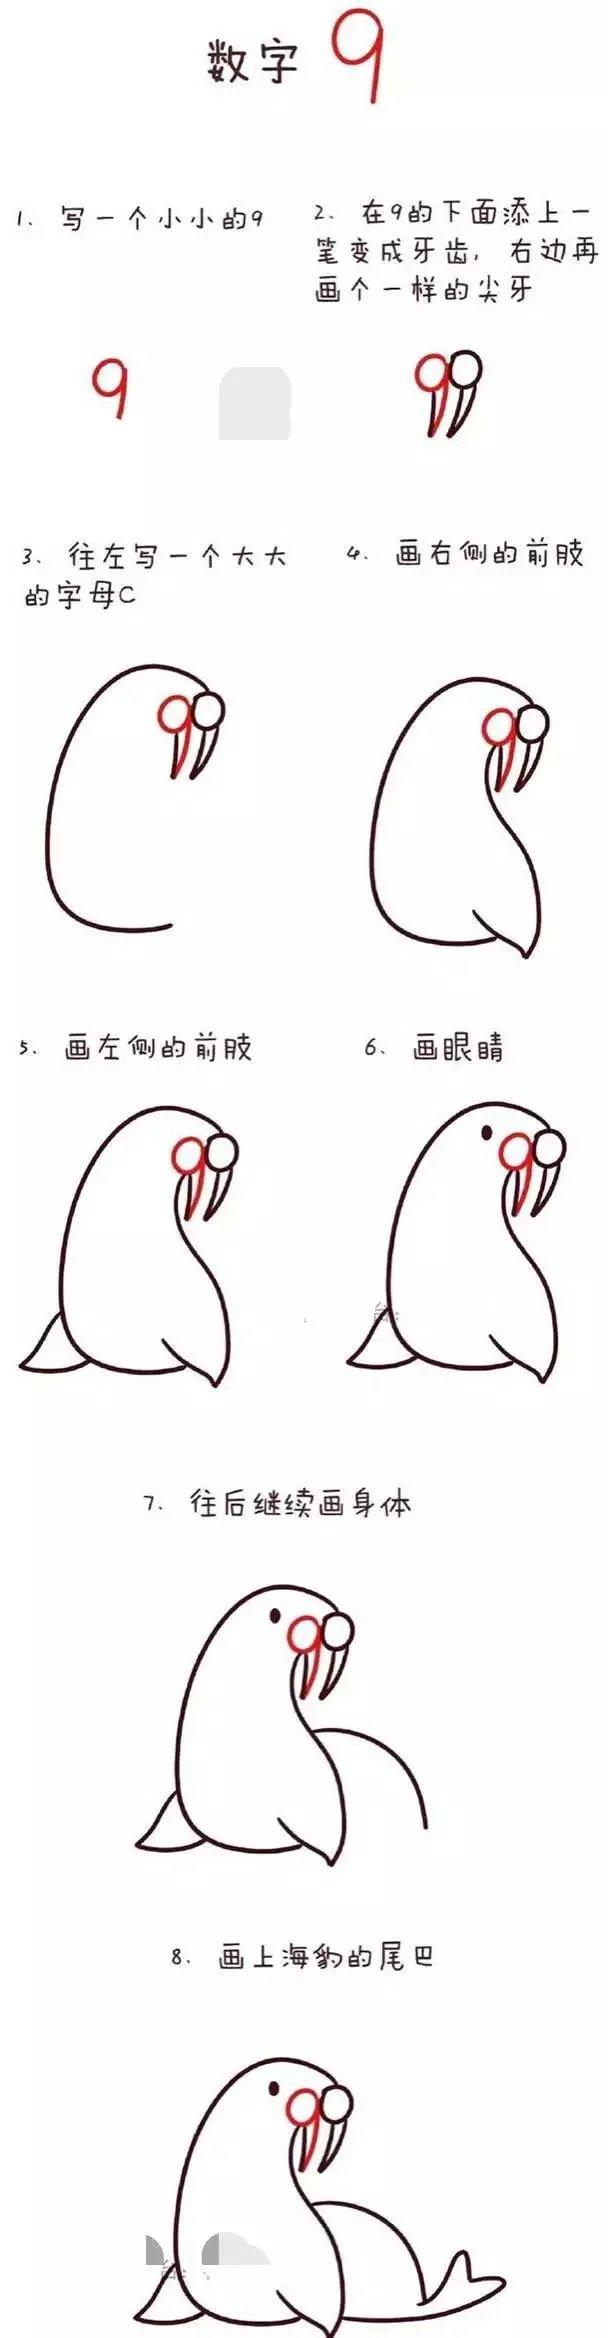 幼儿数字简笔画~1到10的简笔画流程